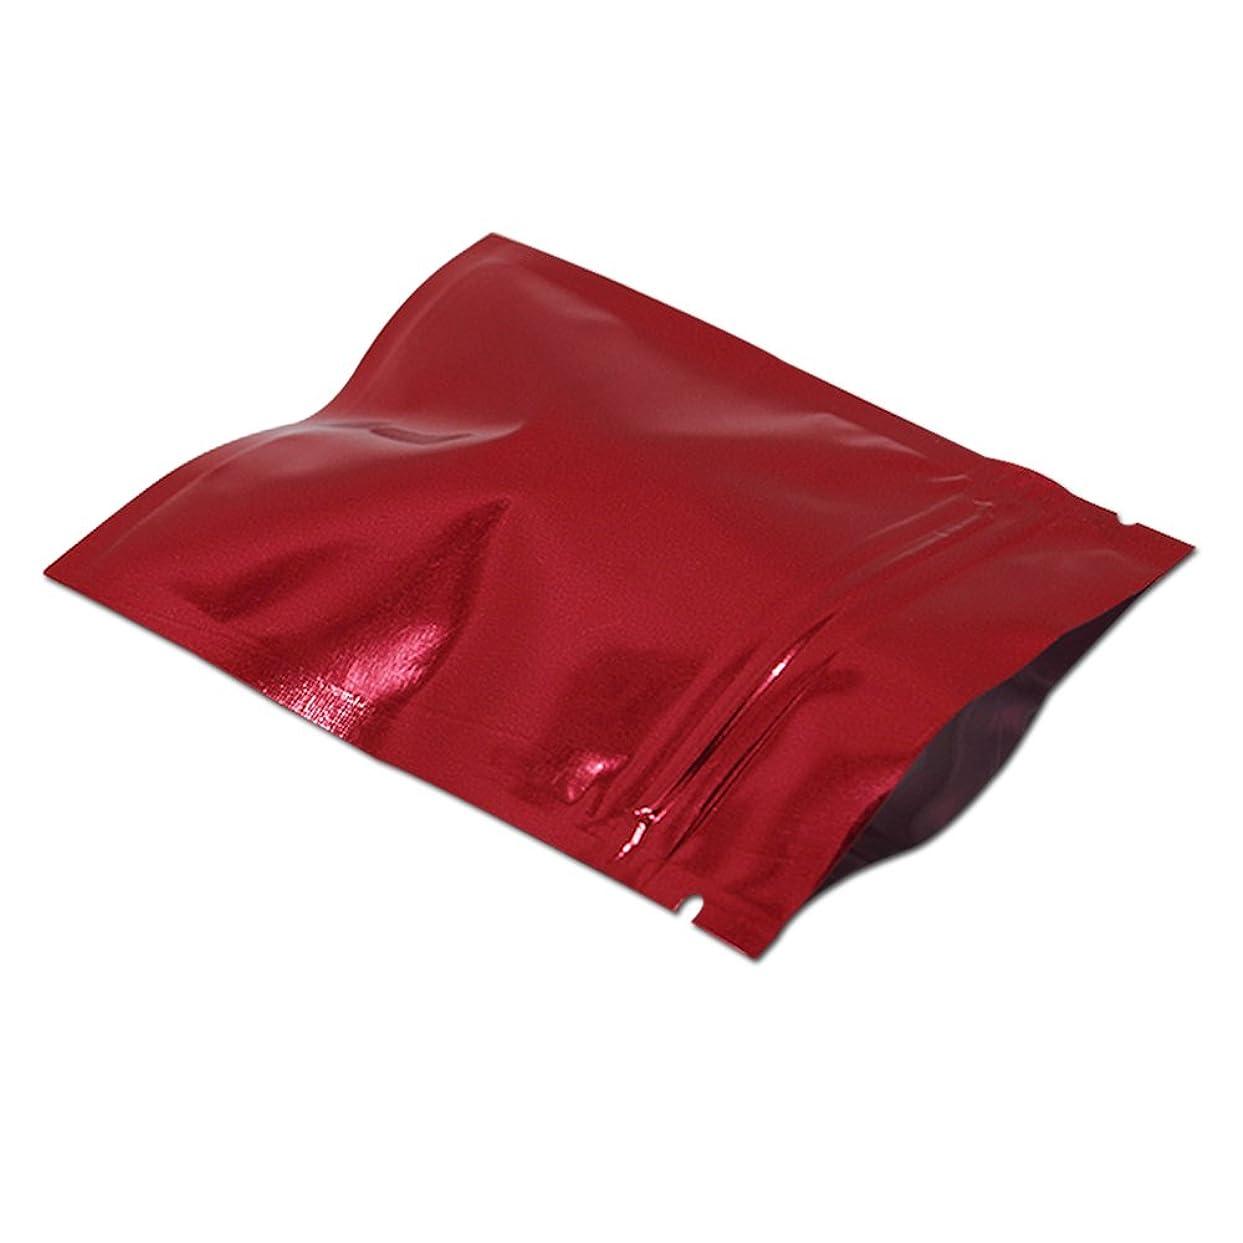 契約する確立リム10 x 15 cm カラー 食品貯蔵用 マイラー ヒートシール可能 包装袋 アルミホイル ジップロック キッチン収納 ポリ袋ストッカー 気密 再封可能 金属保管袋 (レッド)